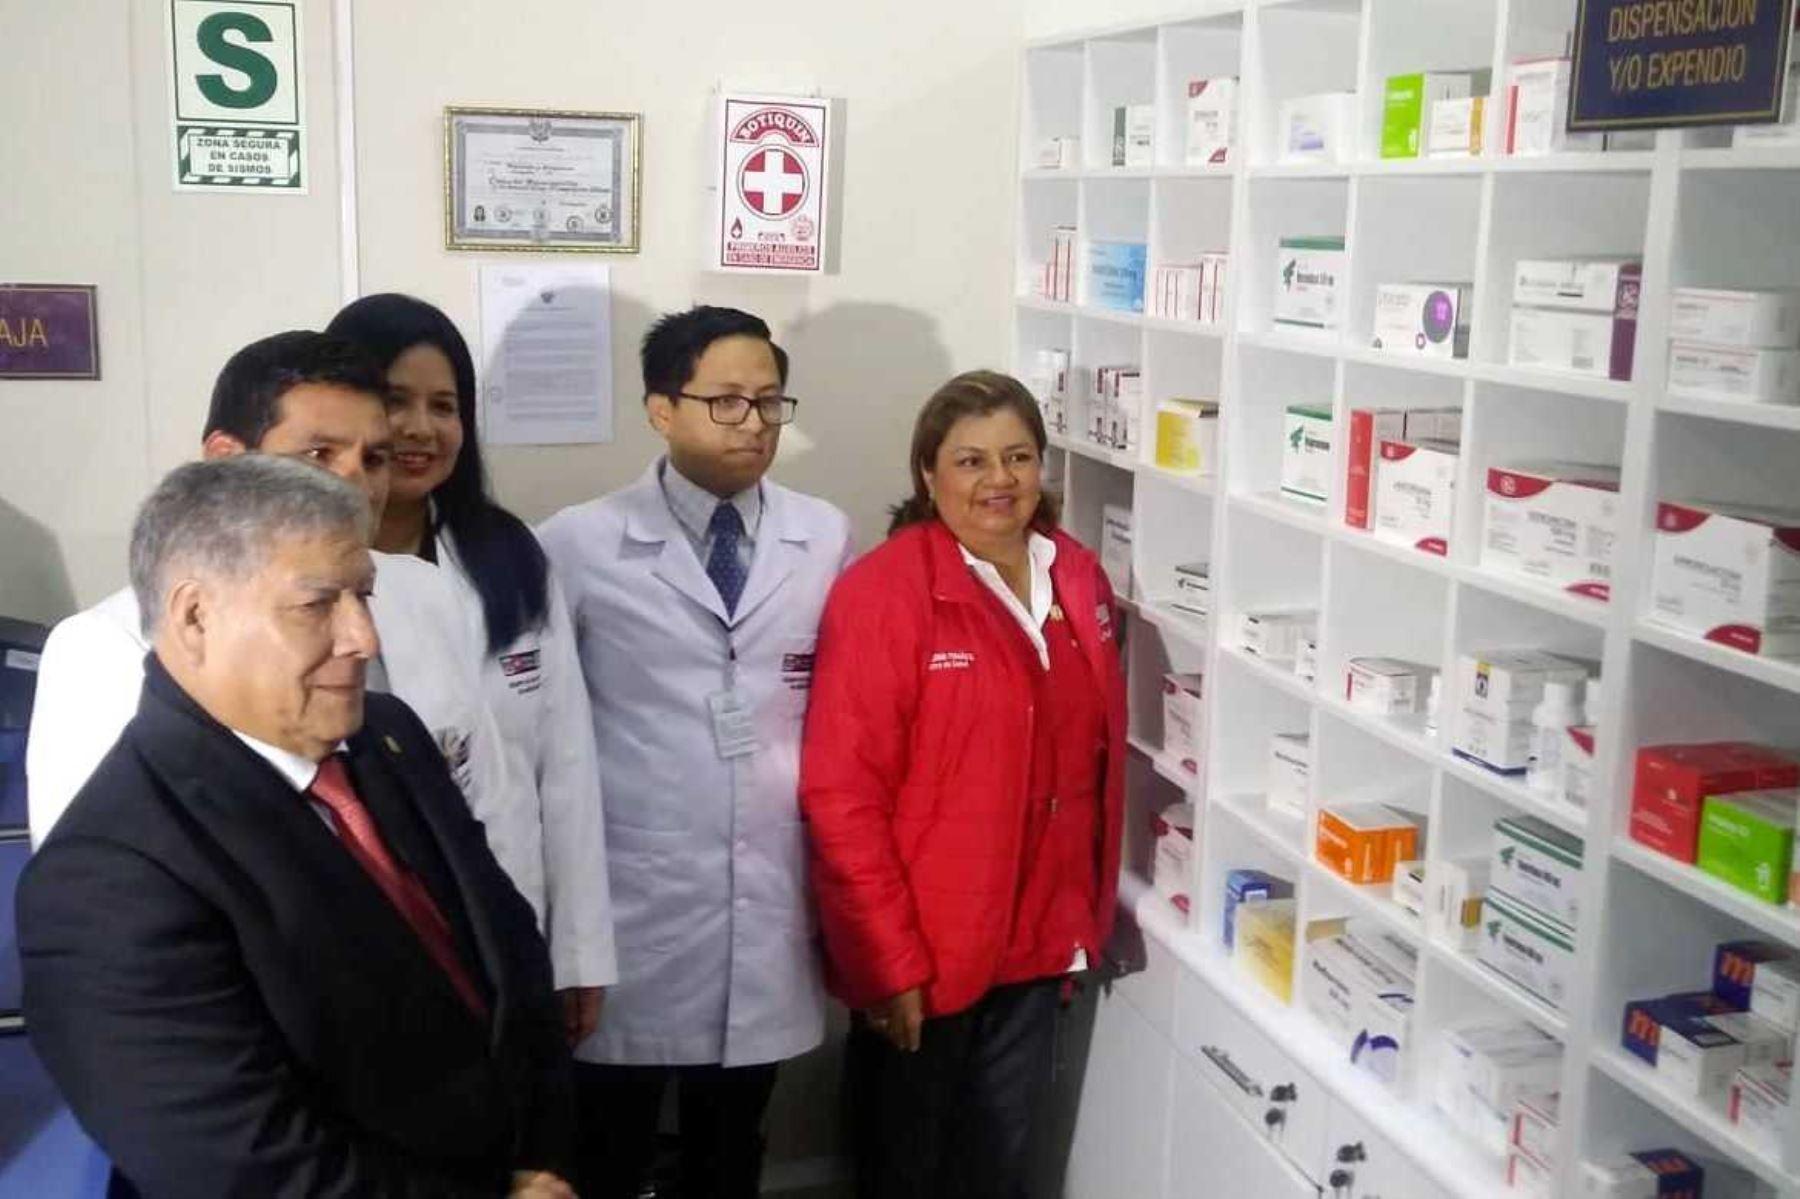 La ministra de Salud, Zulema Tomás, inauguró una farmacia en la Universidad San Marcos. Foto: ANDINA/Minsa.